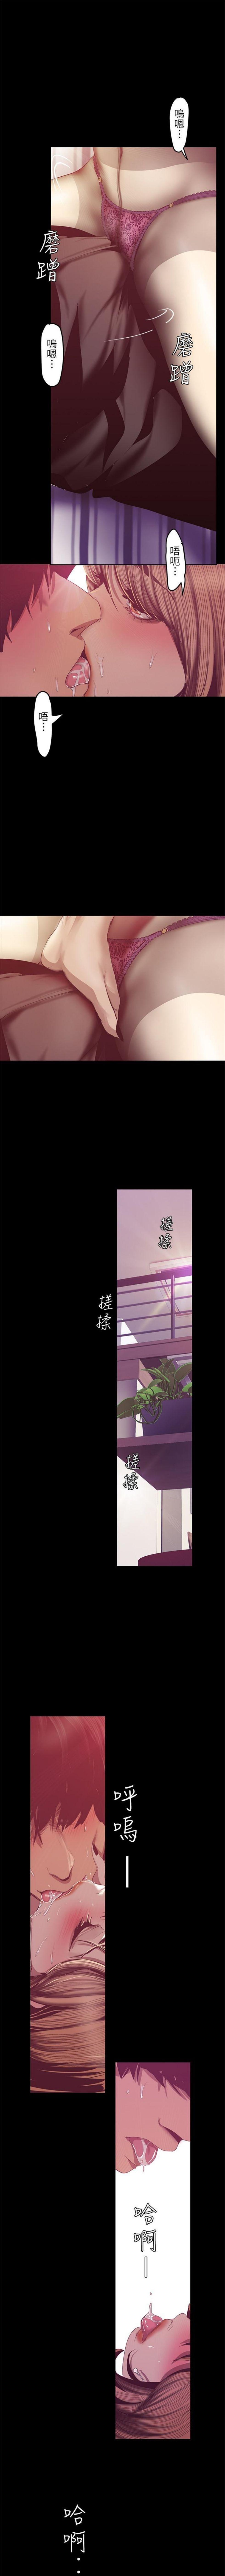 美麗新世界 1-85 官方中文(連載中) 716